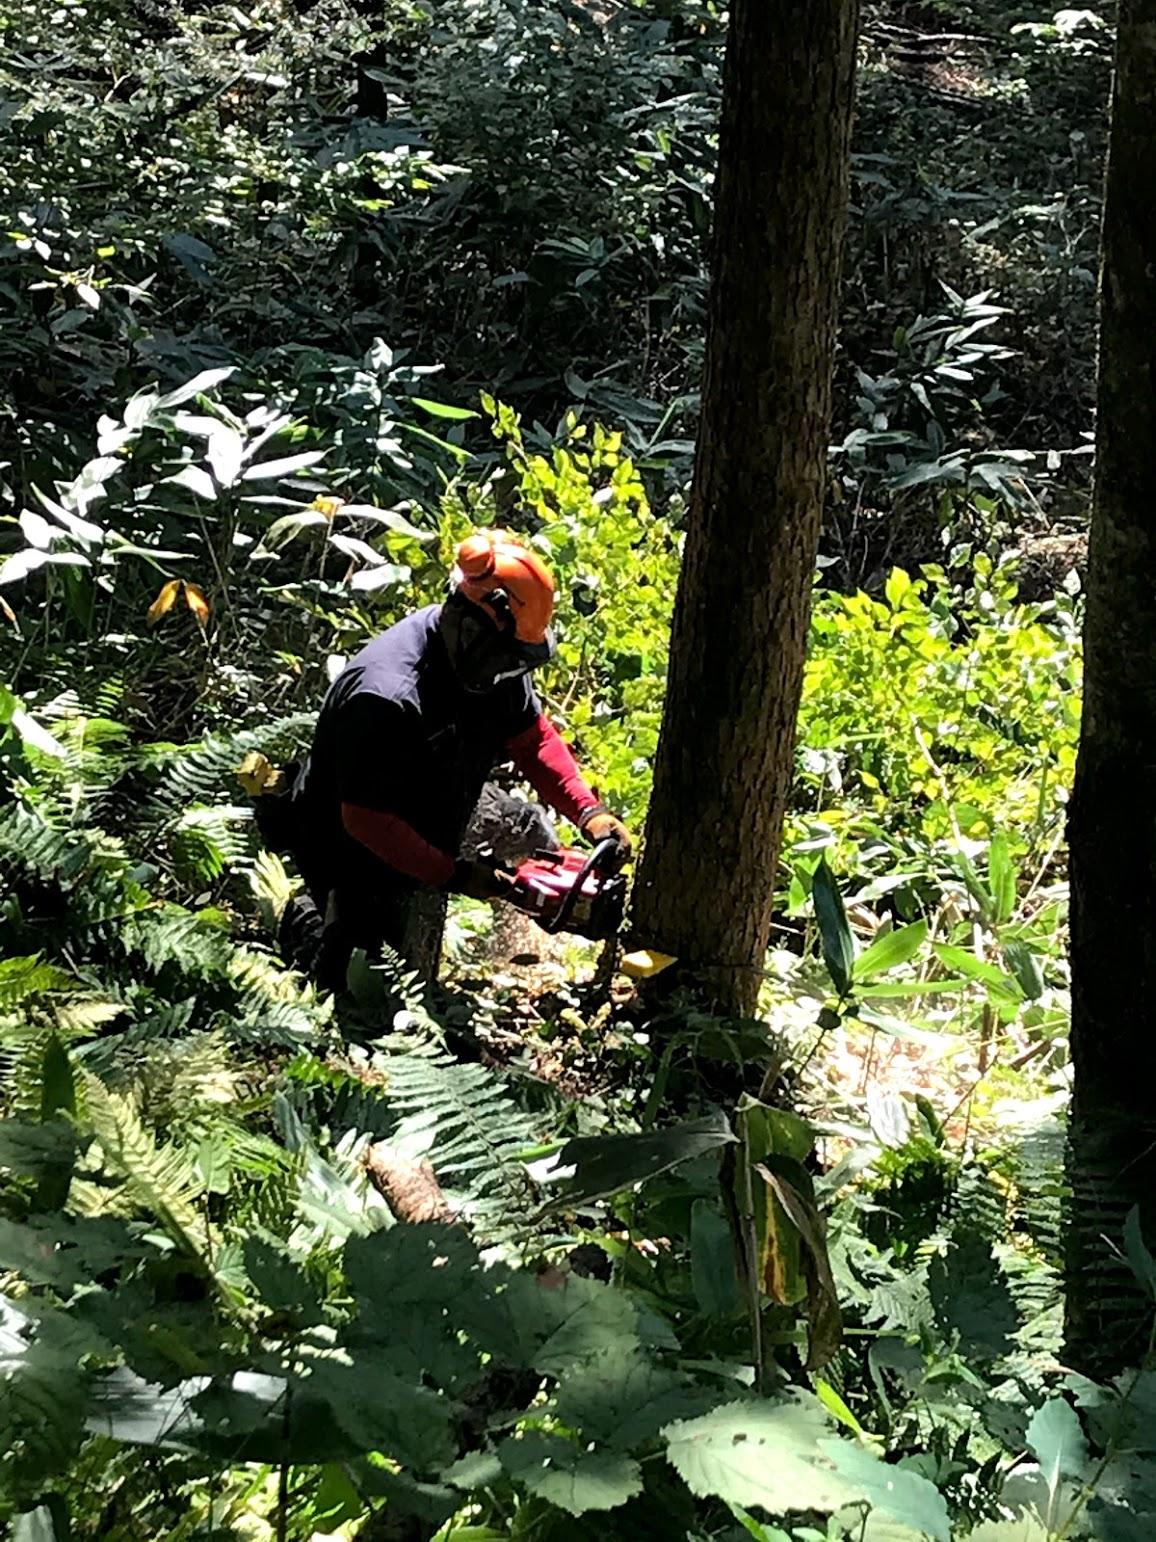 チェンソーを使って木を切るフォレストワーカー